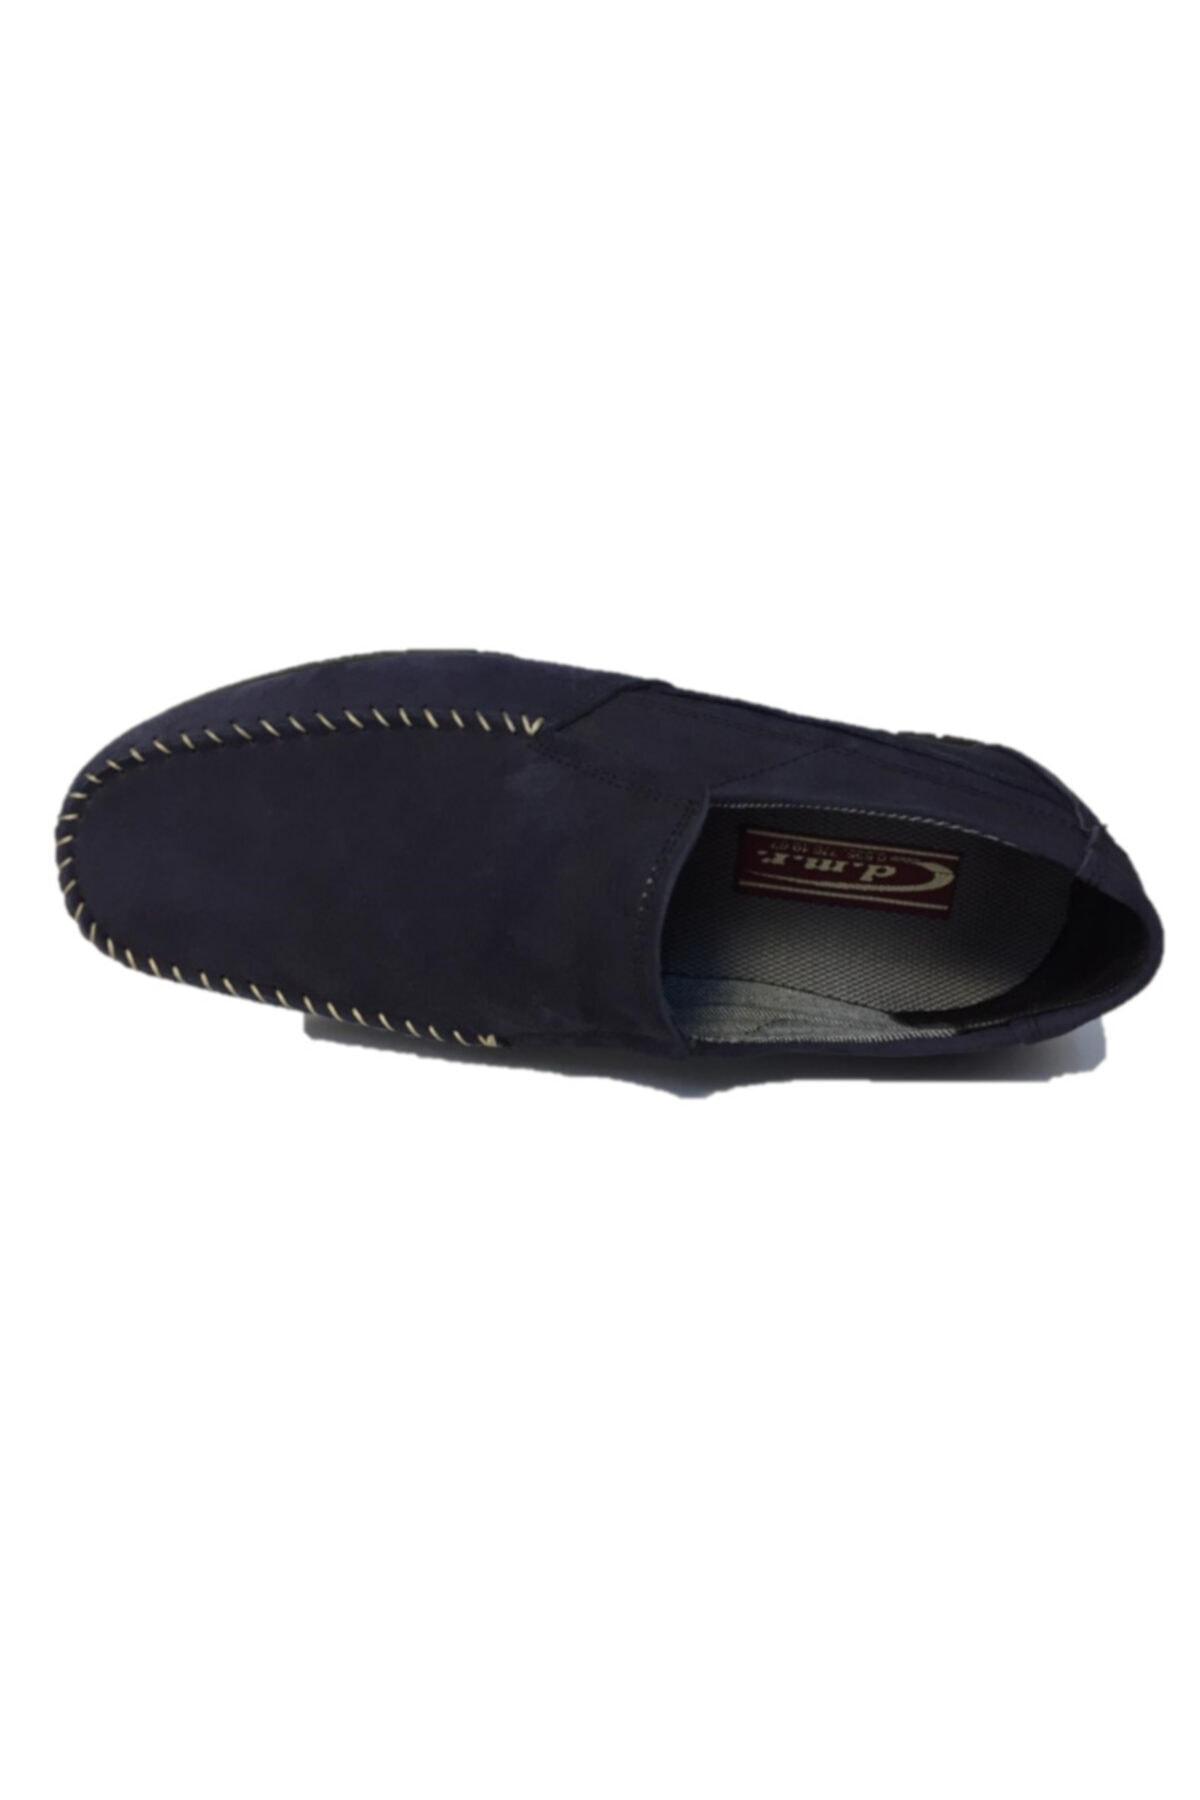 DMR Erkek Lacivert Hakiki Gerçek Nubuk Deri Bağcıksız Hafif Loafer Ayakkabı 2